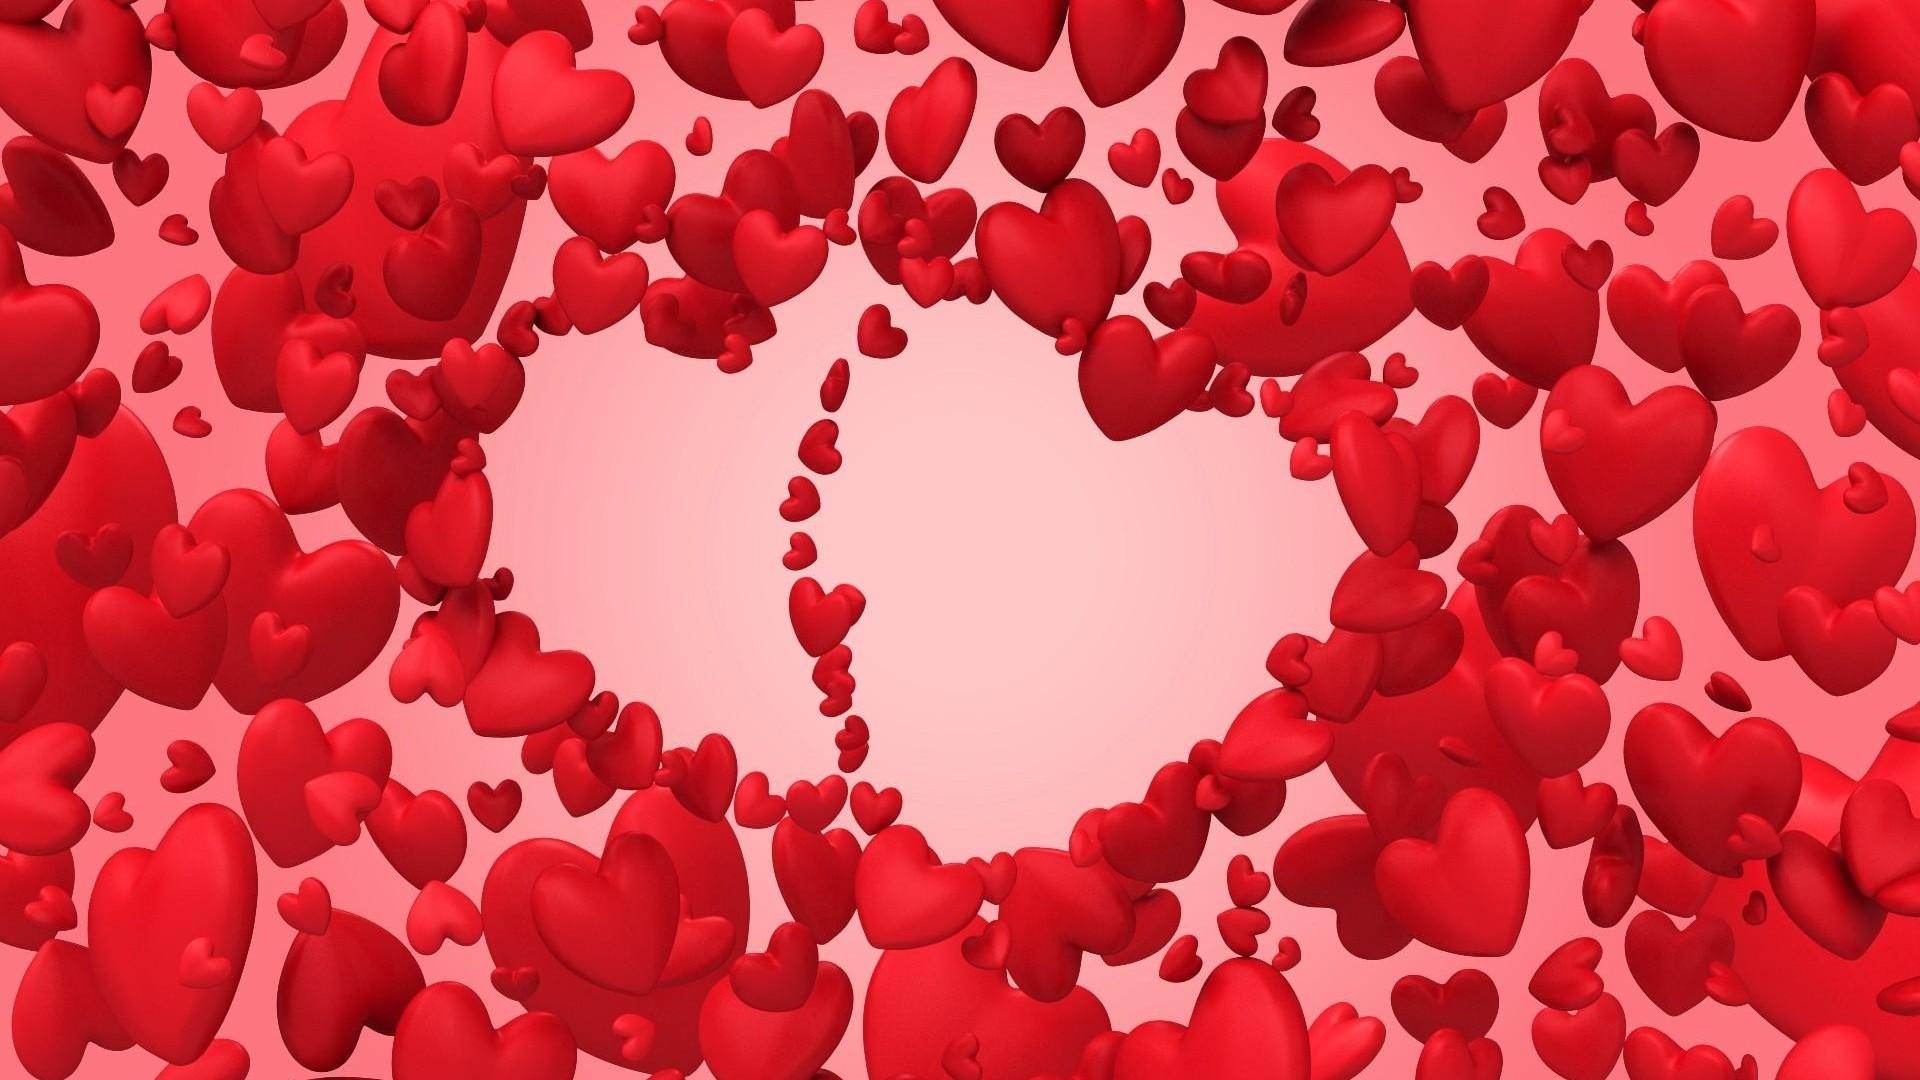 Valentines Day Desktop Wallpaper 65 Images